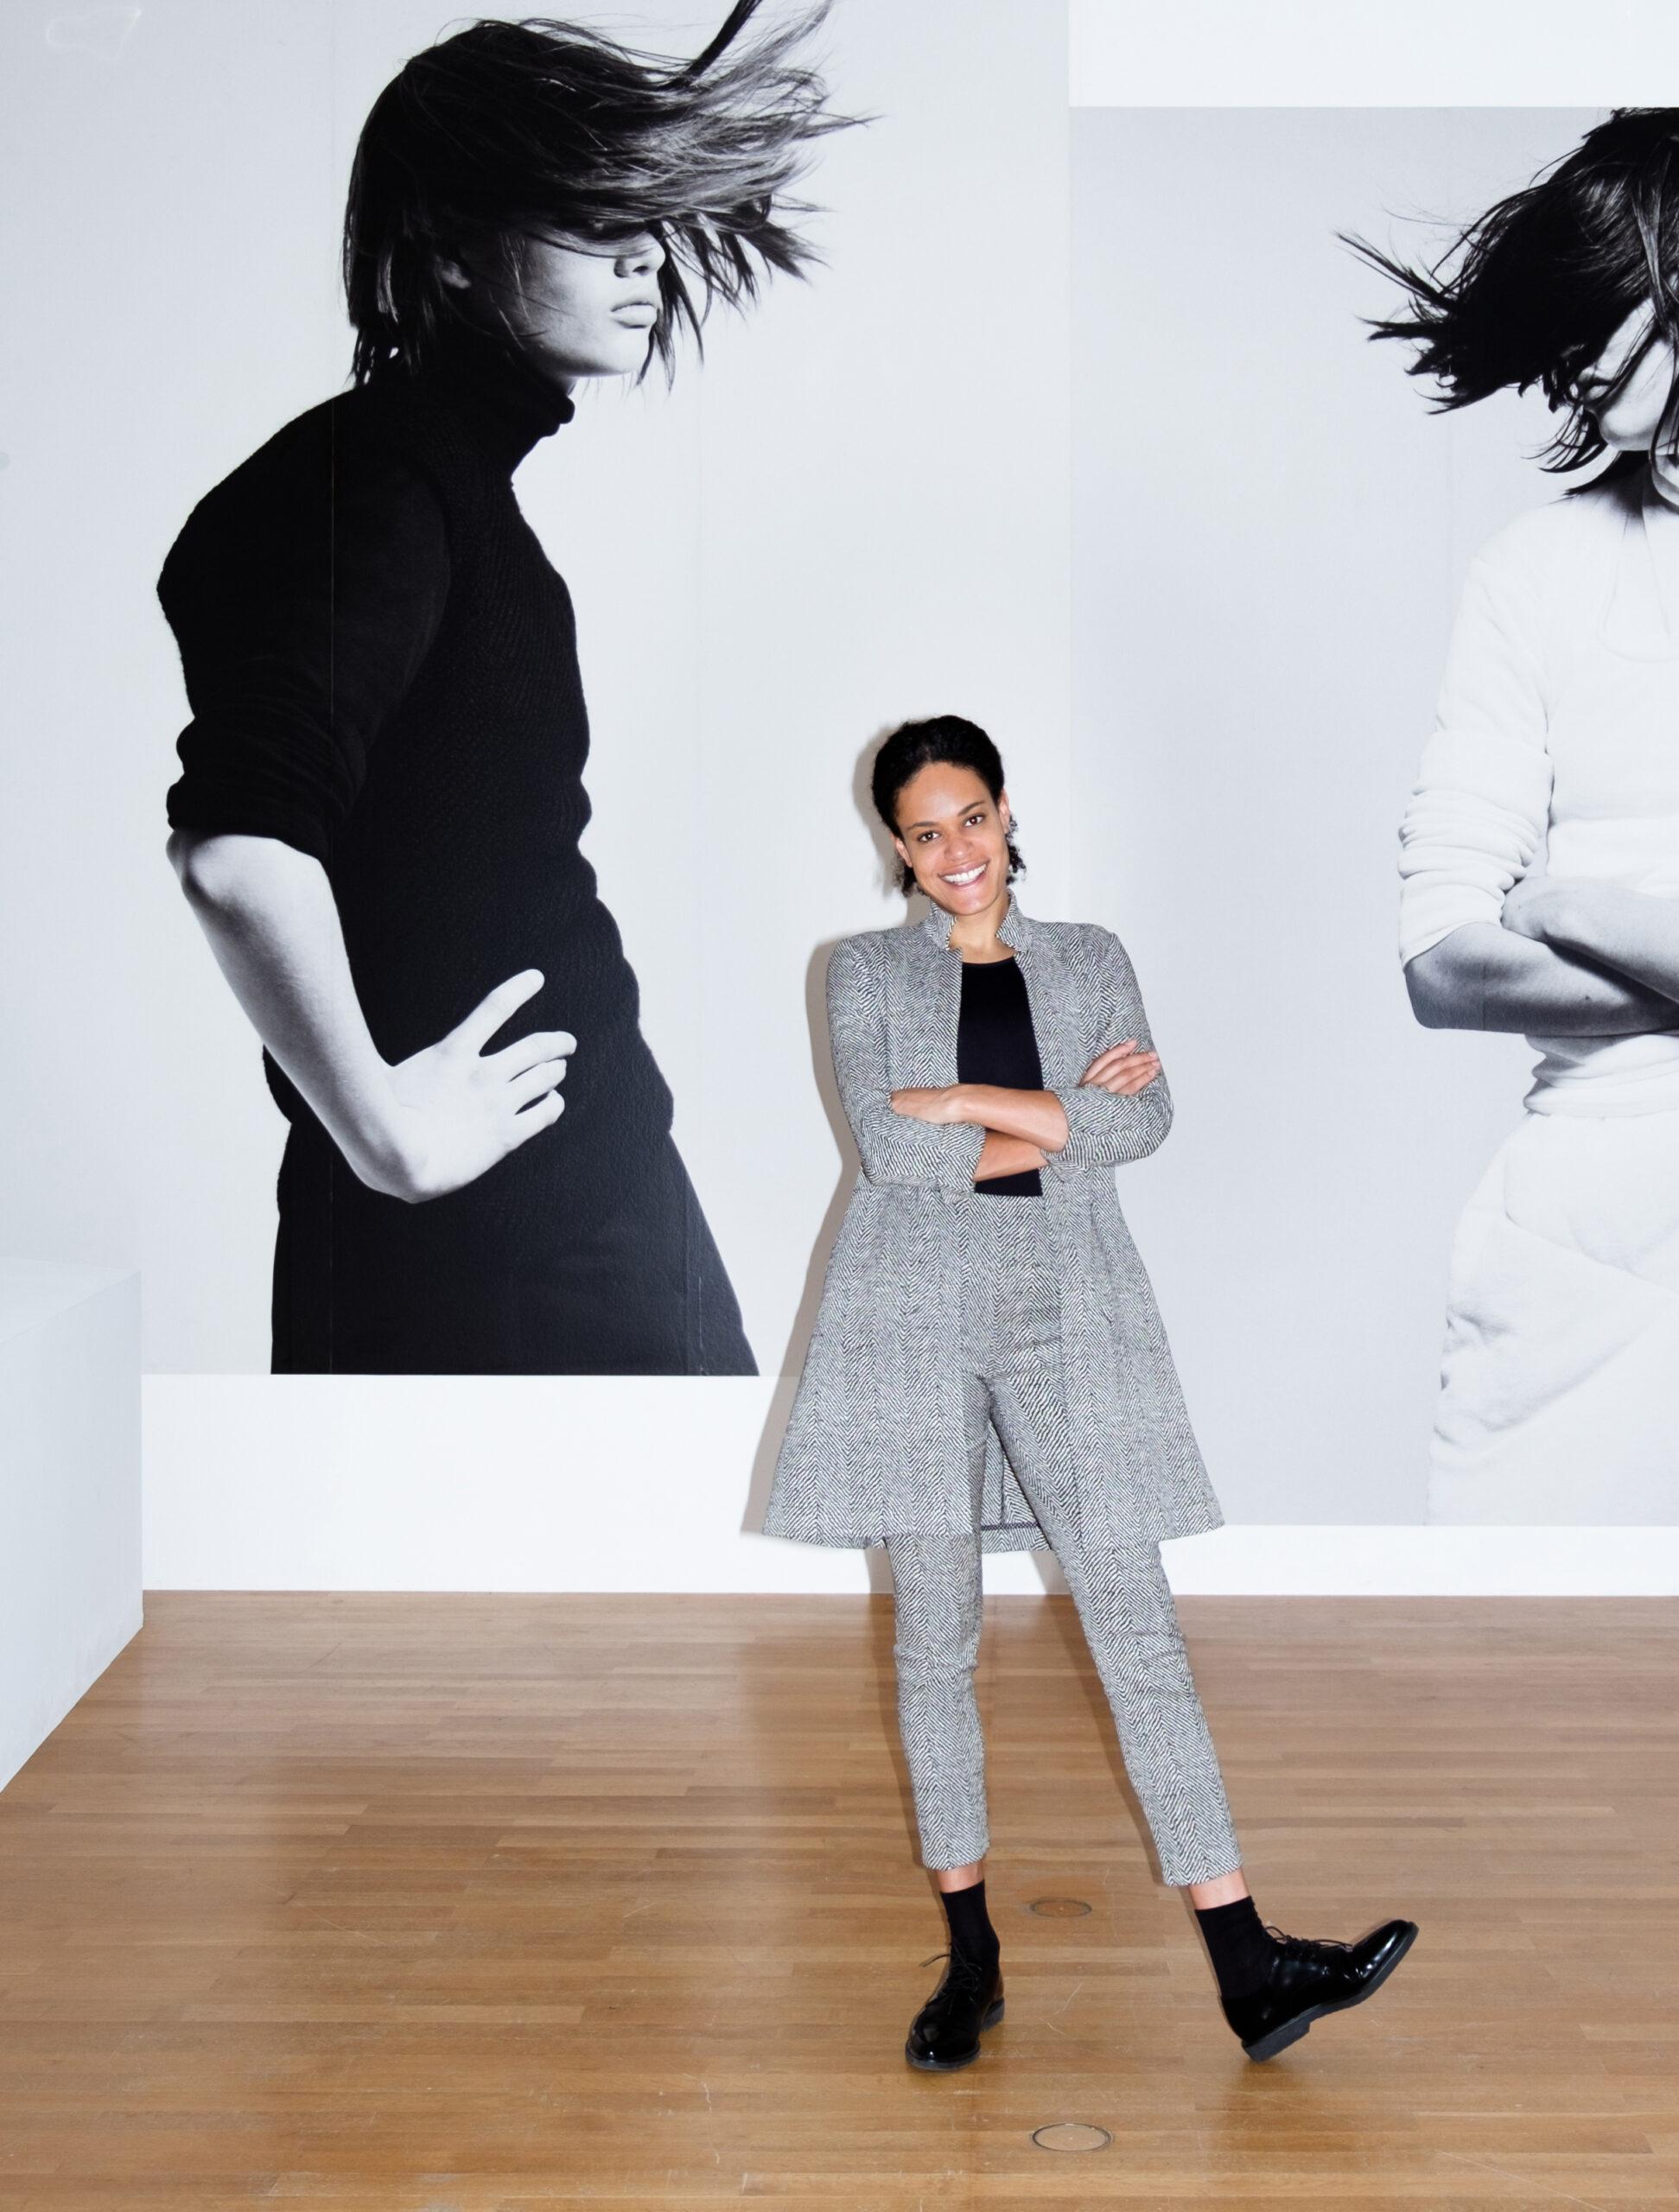 Sie trägt Frankfurt: Dr. Mahret Kupka zur Ausstellungseröffnung von Jil Sander